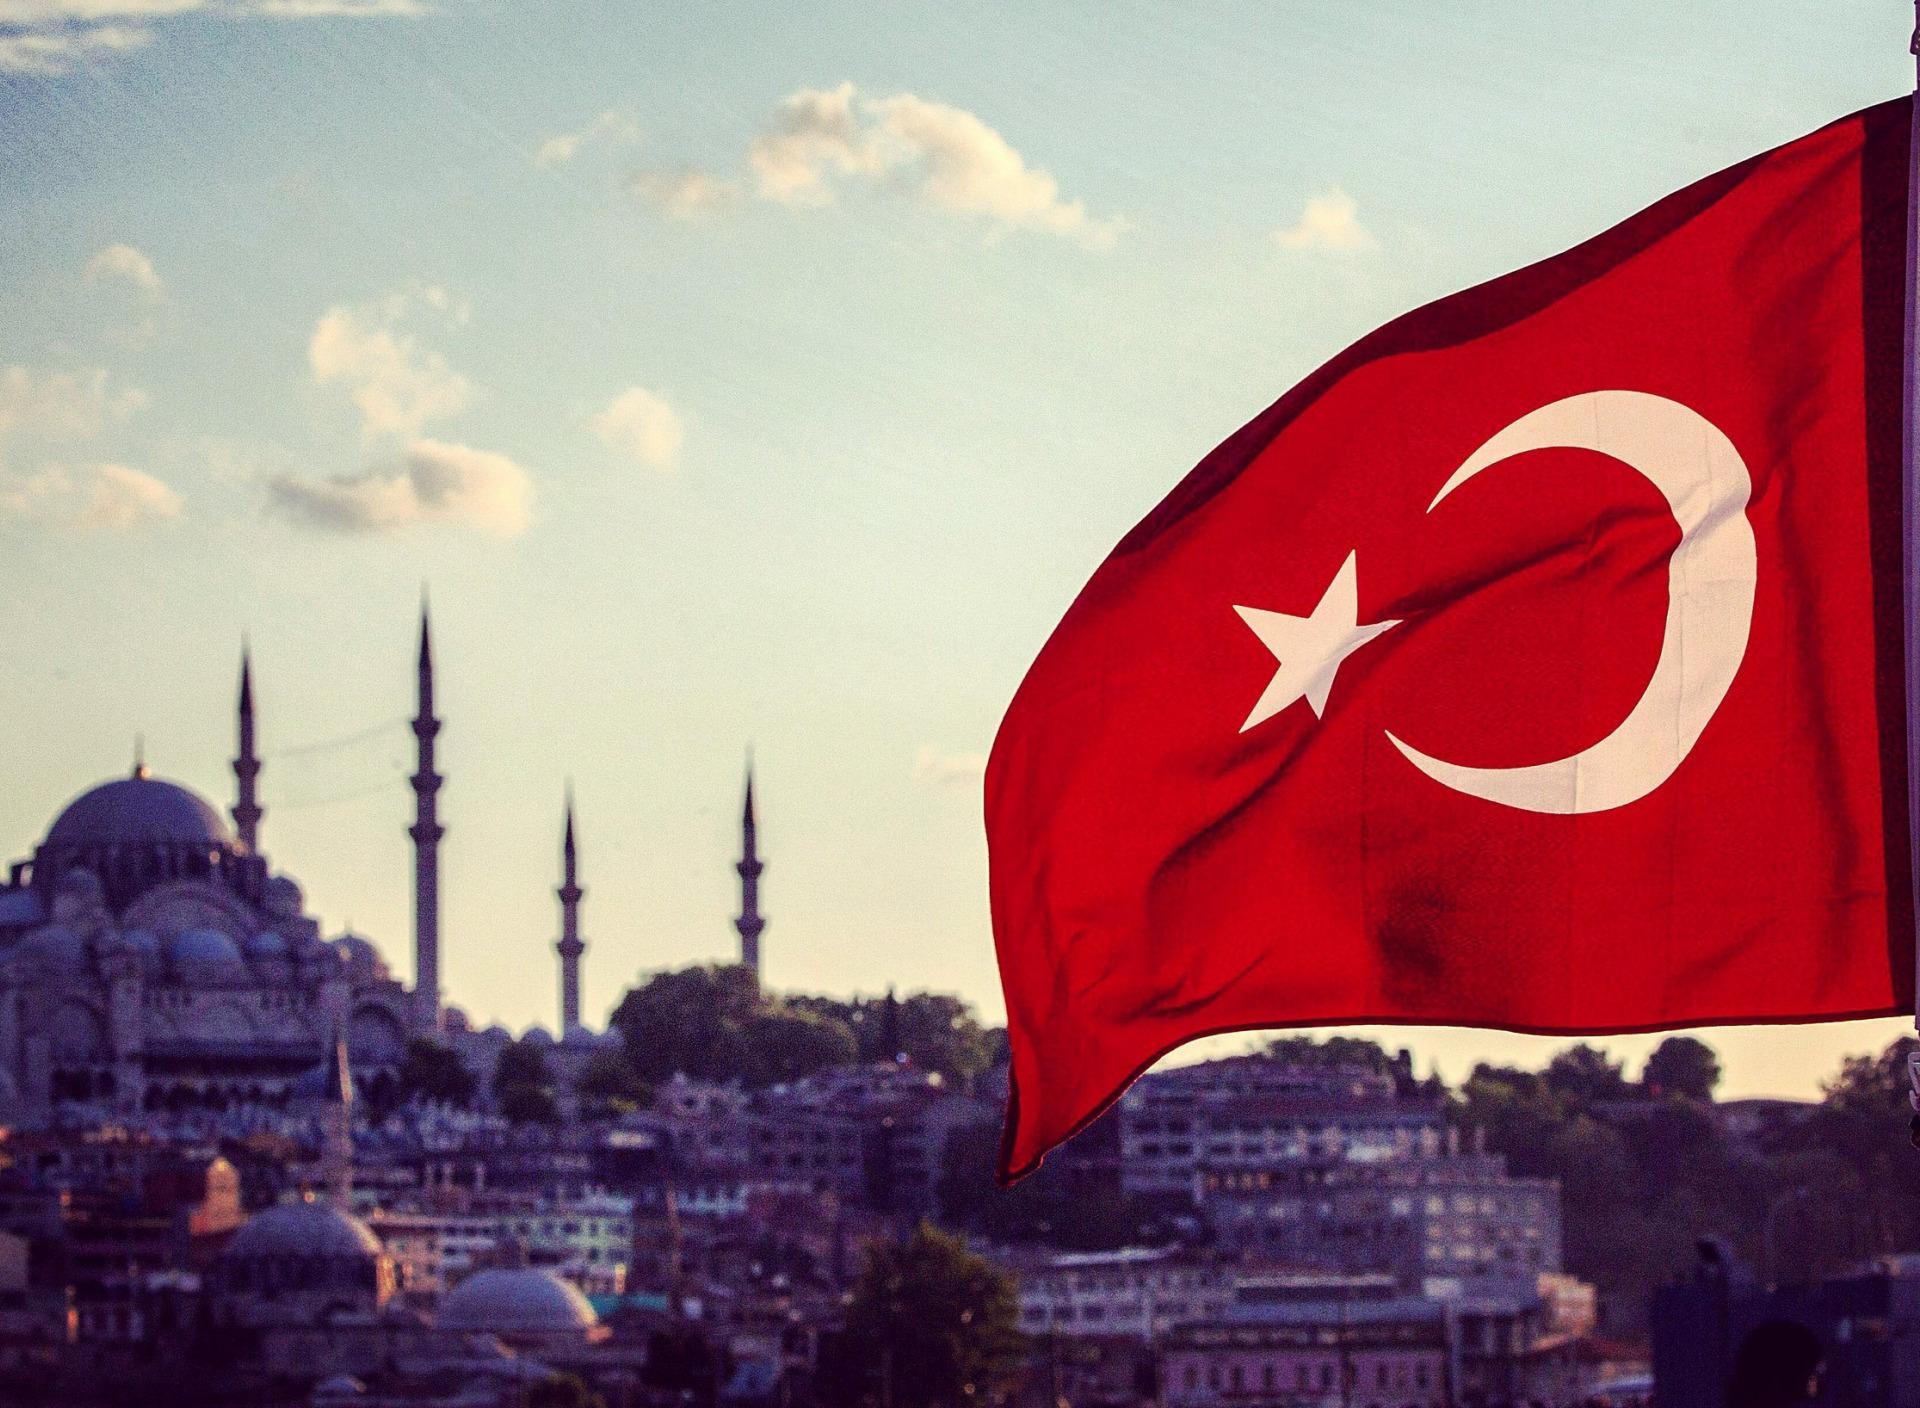 به نظر شما زیباترین شهرهای ترکیه کدام است؟